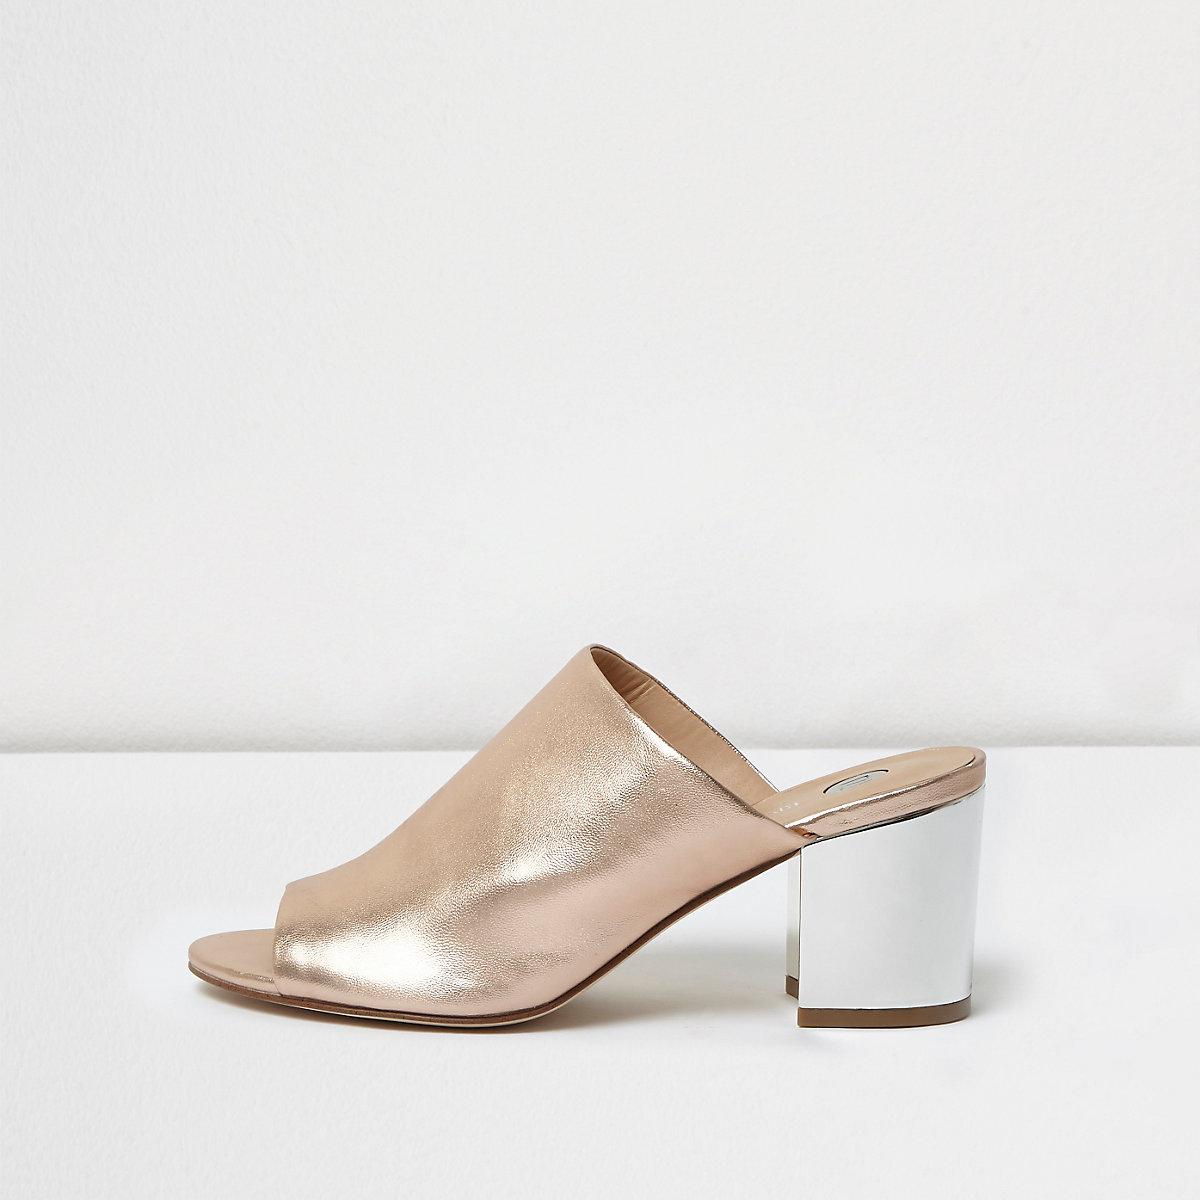 Gold block heel peep toe mules